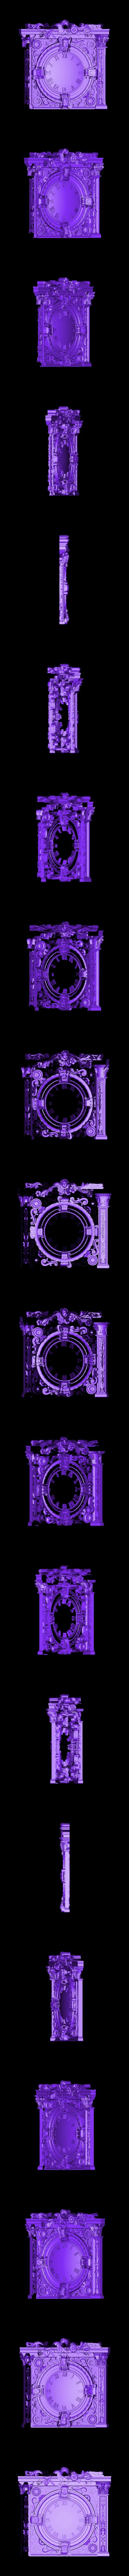 66 (1).stl Télécharger fichier STL gratuit Une vieille horloge d'époque • Modèle à imprimer en 3D, 3DPrinterFiles